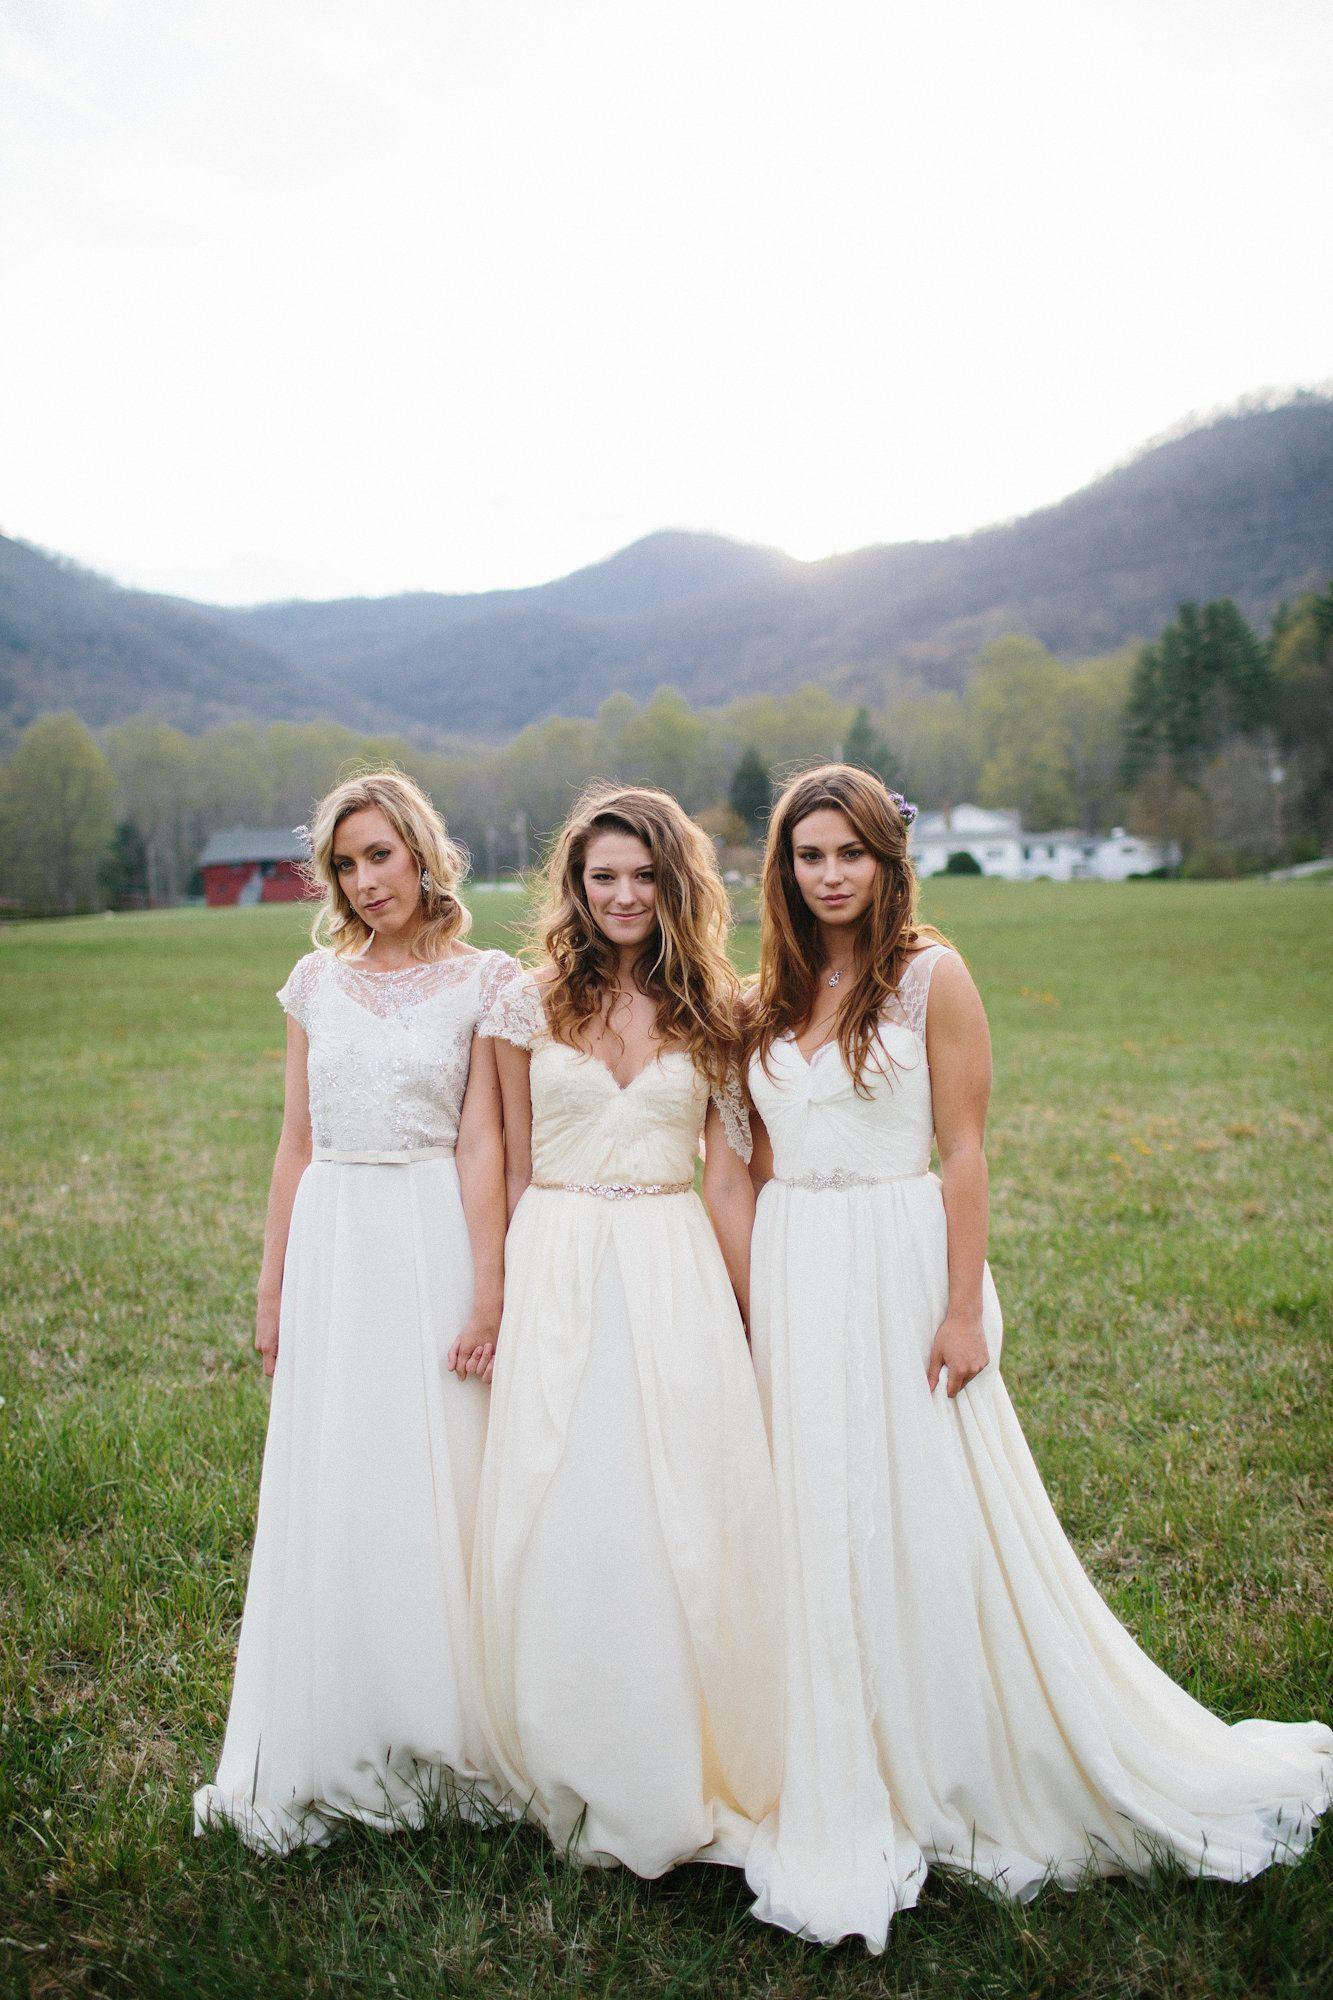 flowy wedding dress, casual wedding dress, outdoor wedding